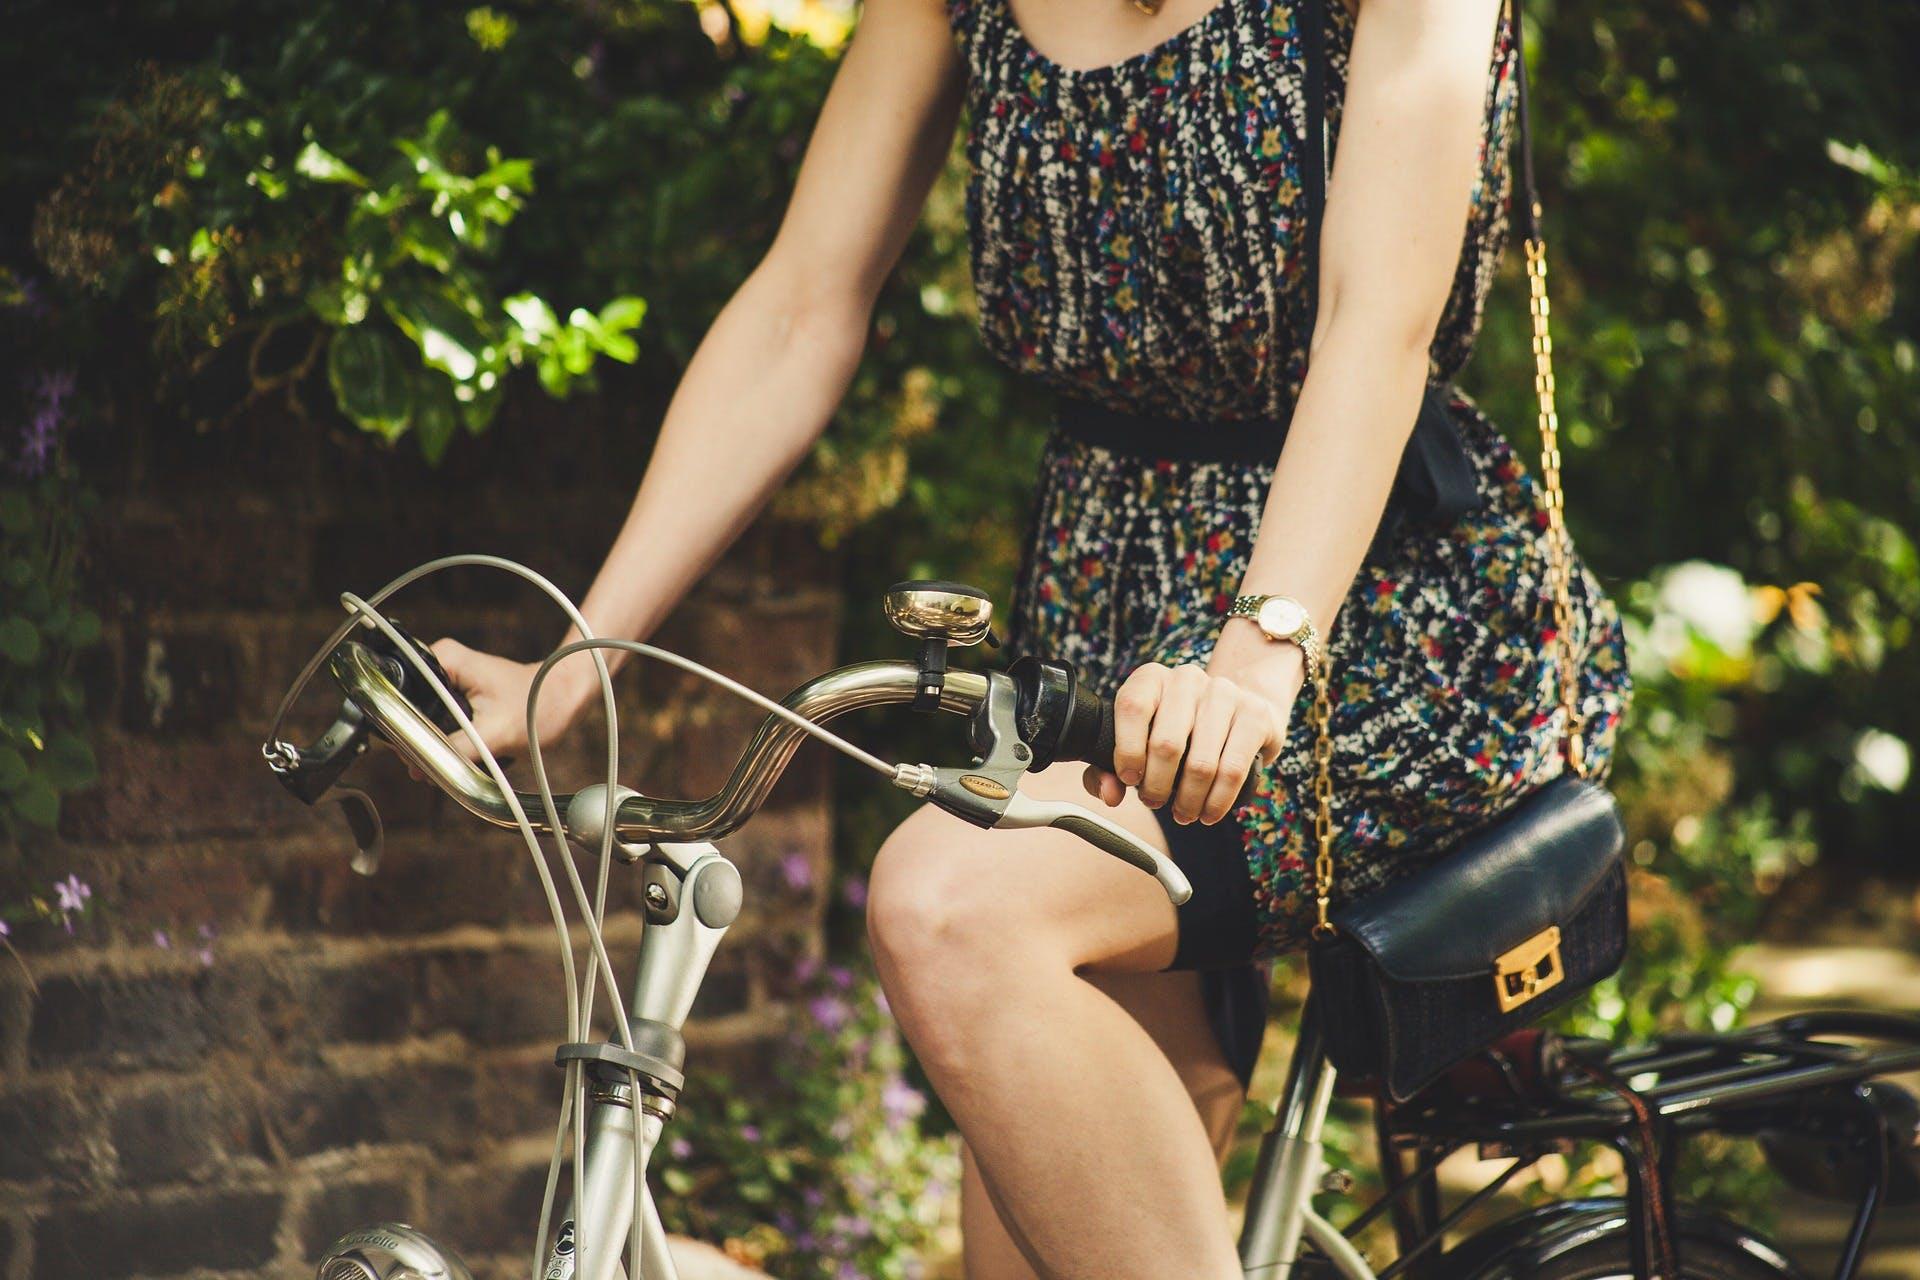 Gewinne ein E-Bike im Wert von 3.000€